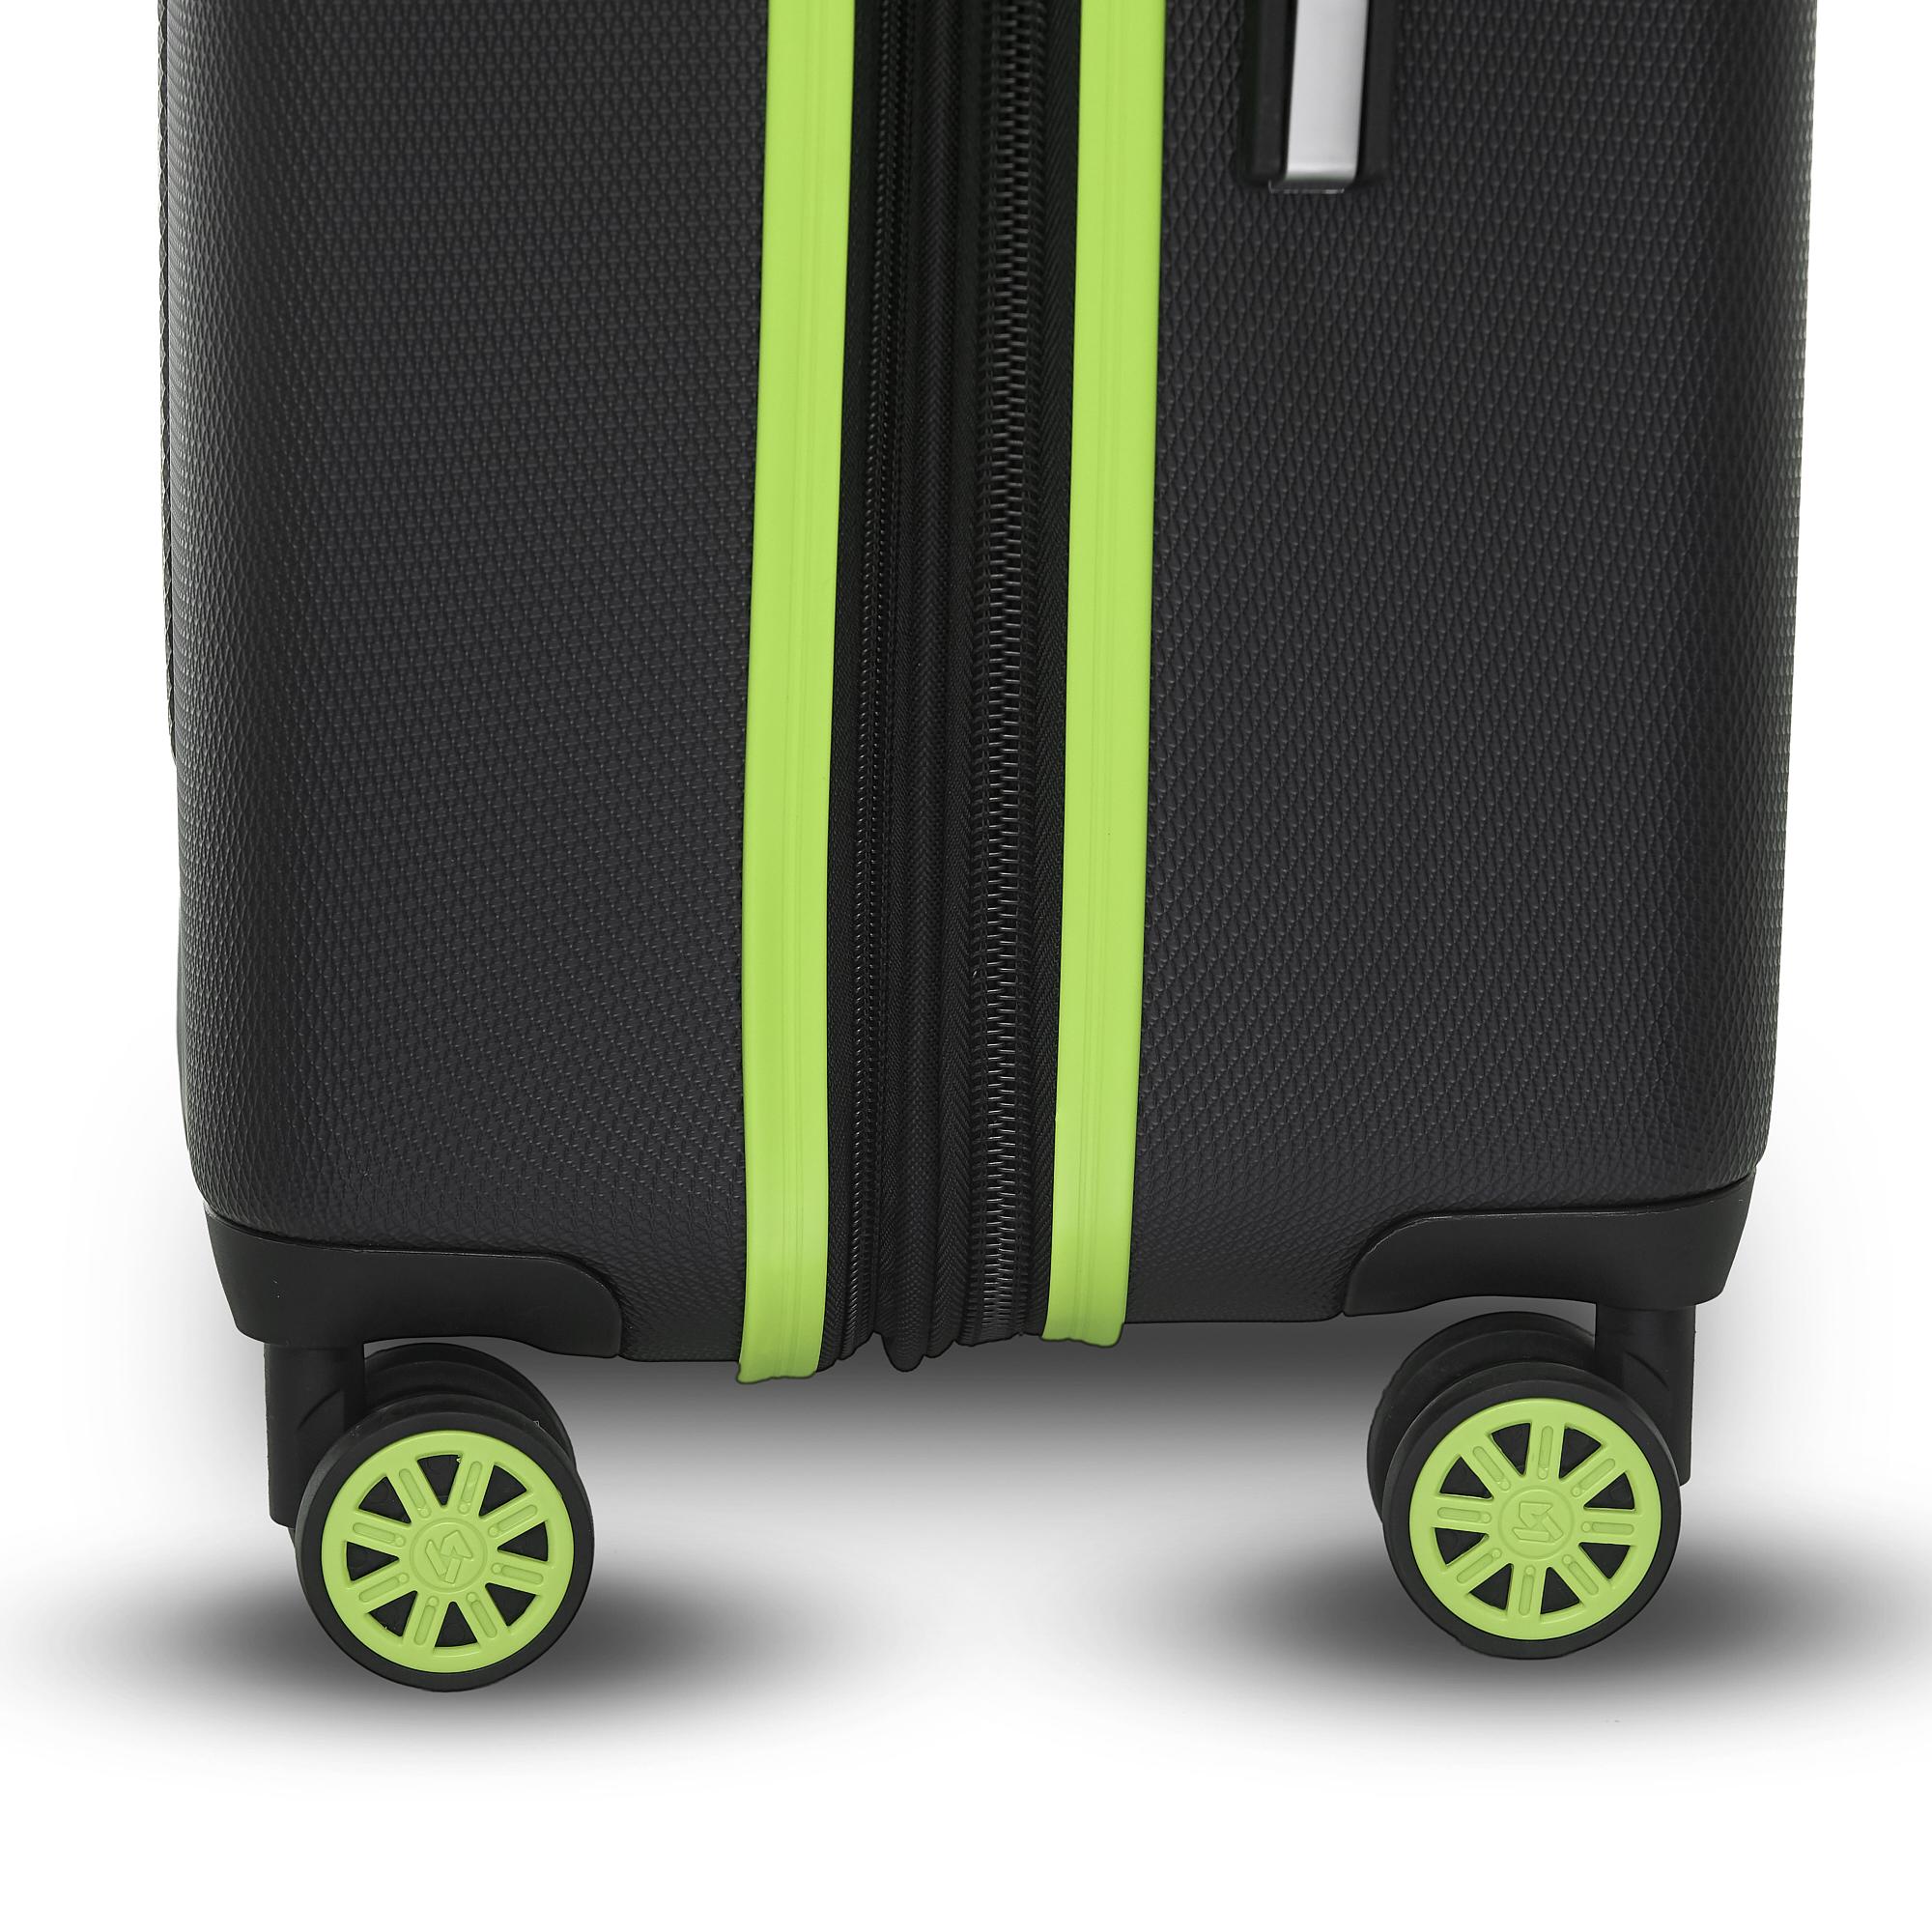 LG_GA2020_Green_Wheel